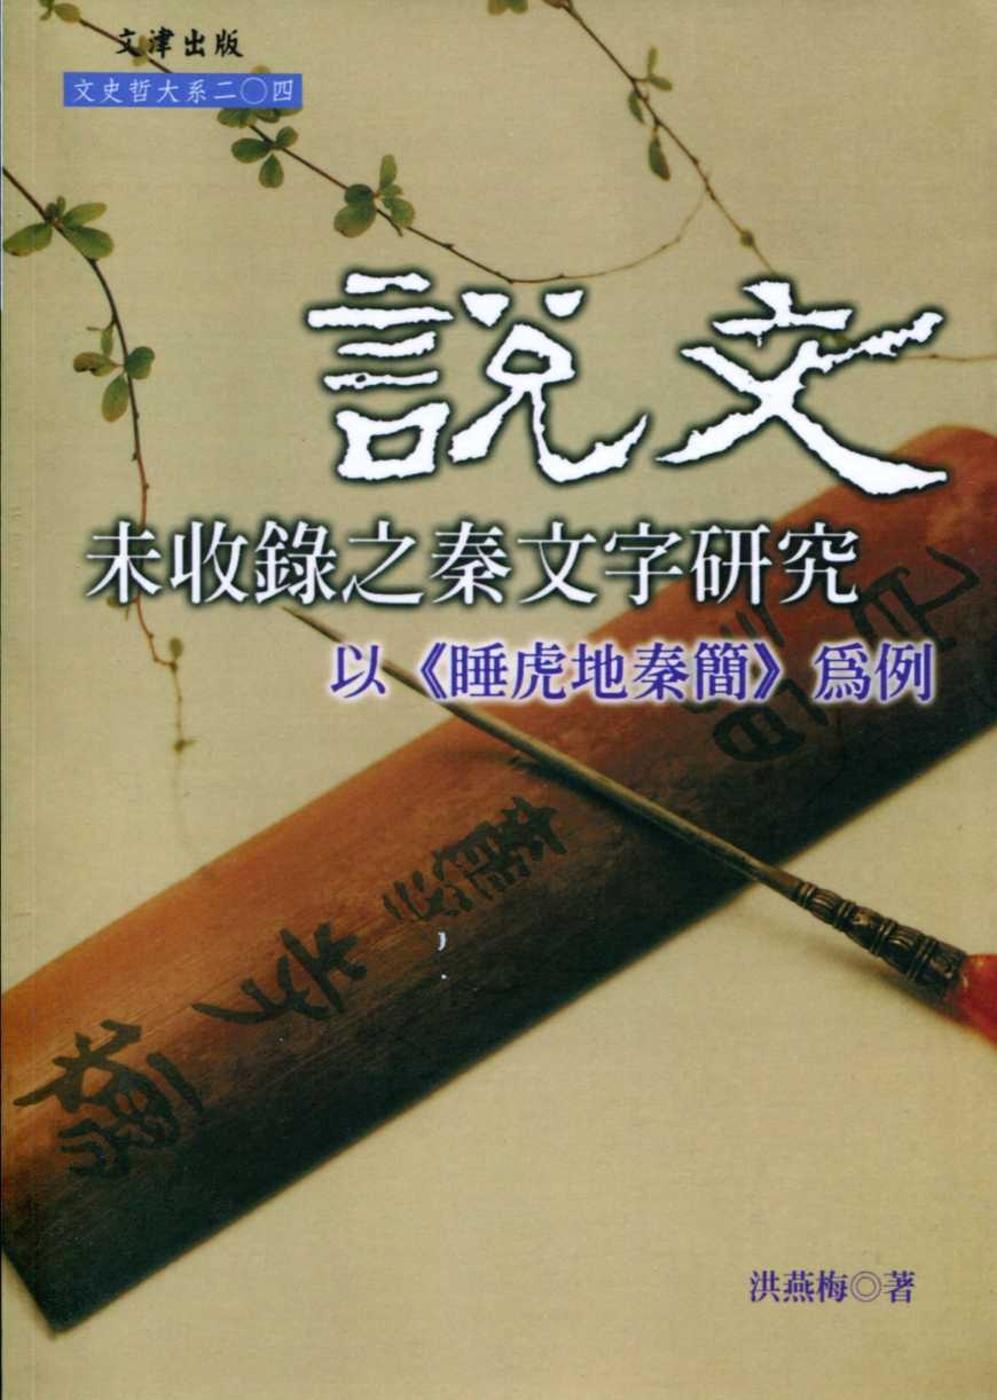 《說文》未收錄之秦文字研究:以《睡虎地秦簡》為例